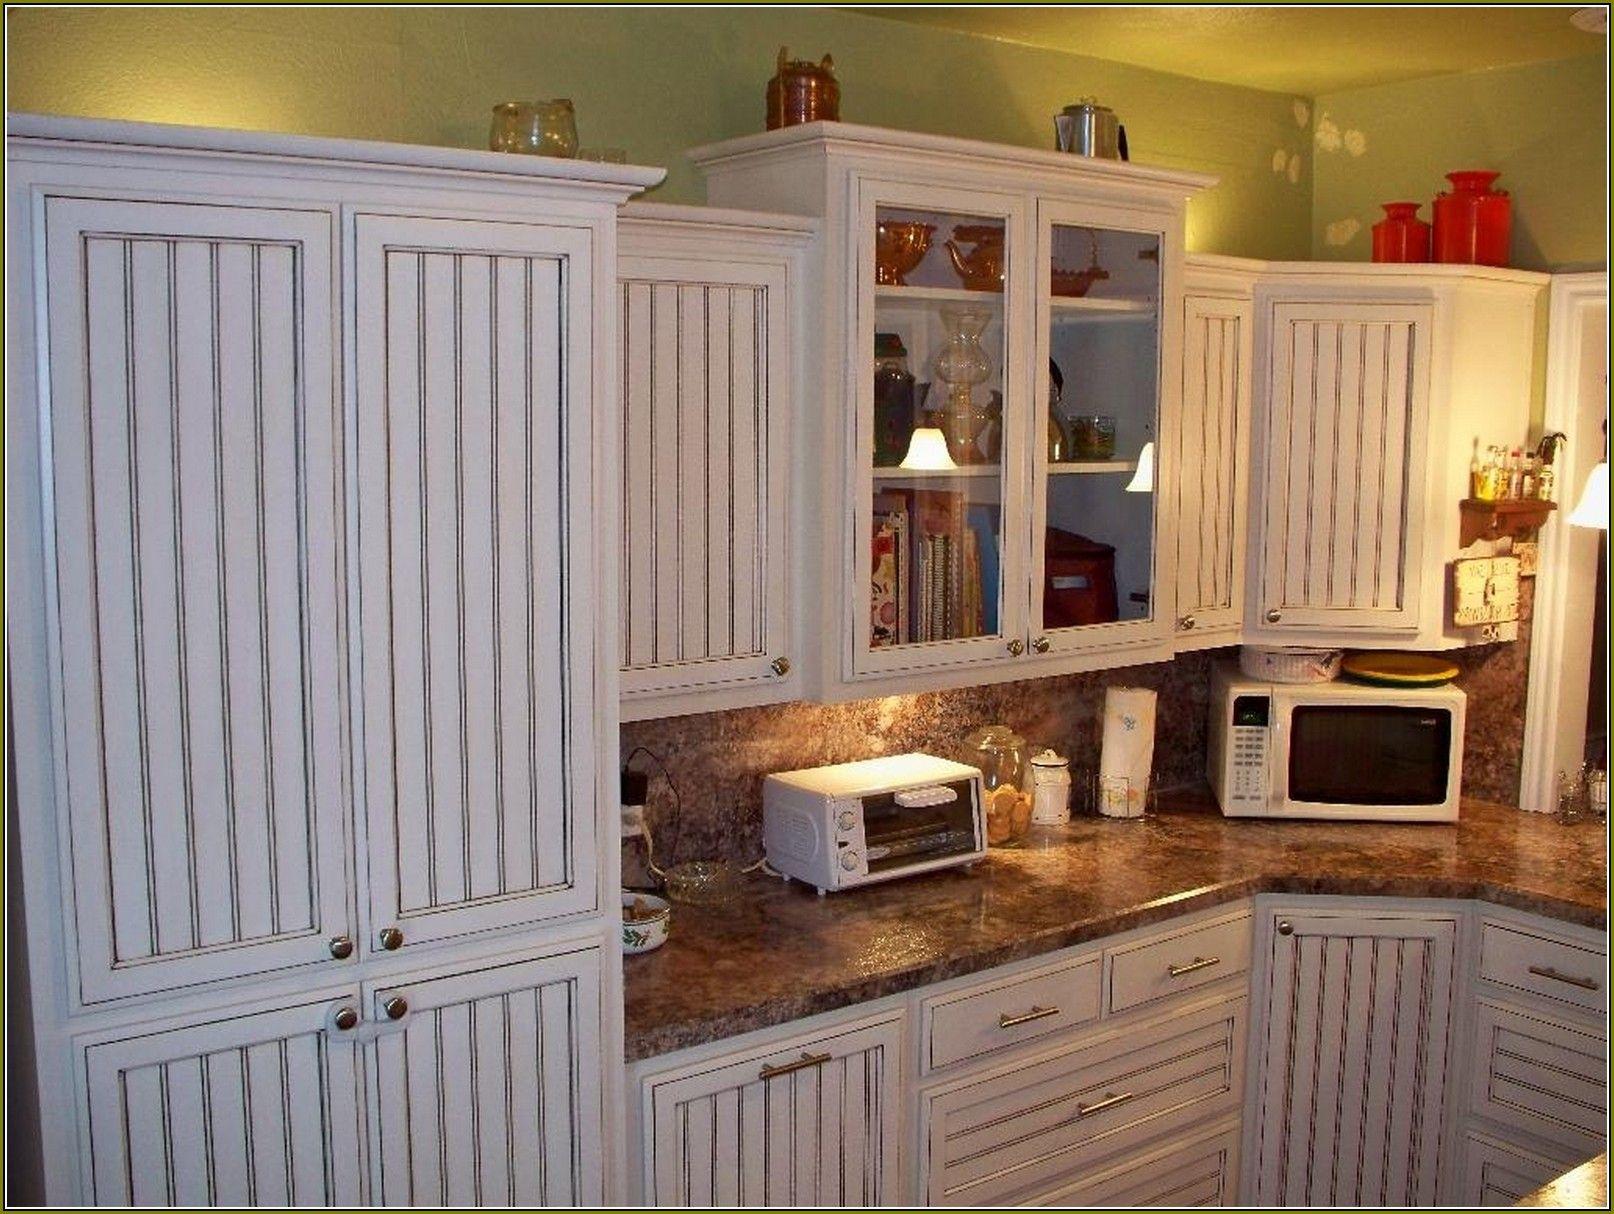 Beadboard Cabinet Doors Diy Diy Schrankturen Kuchenschrankturen Selbstgebaute Kuchenschranke